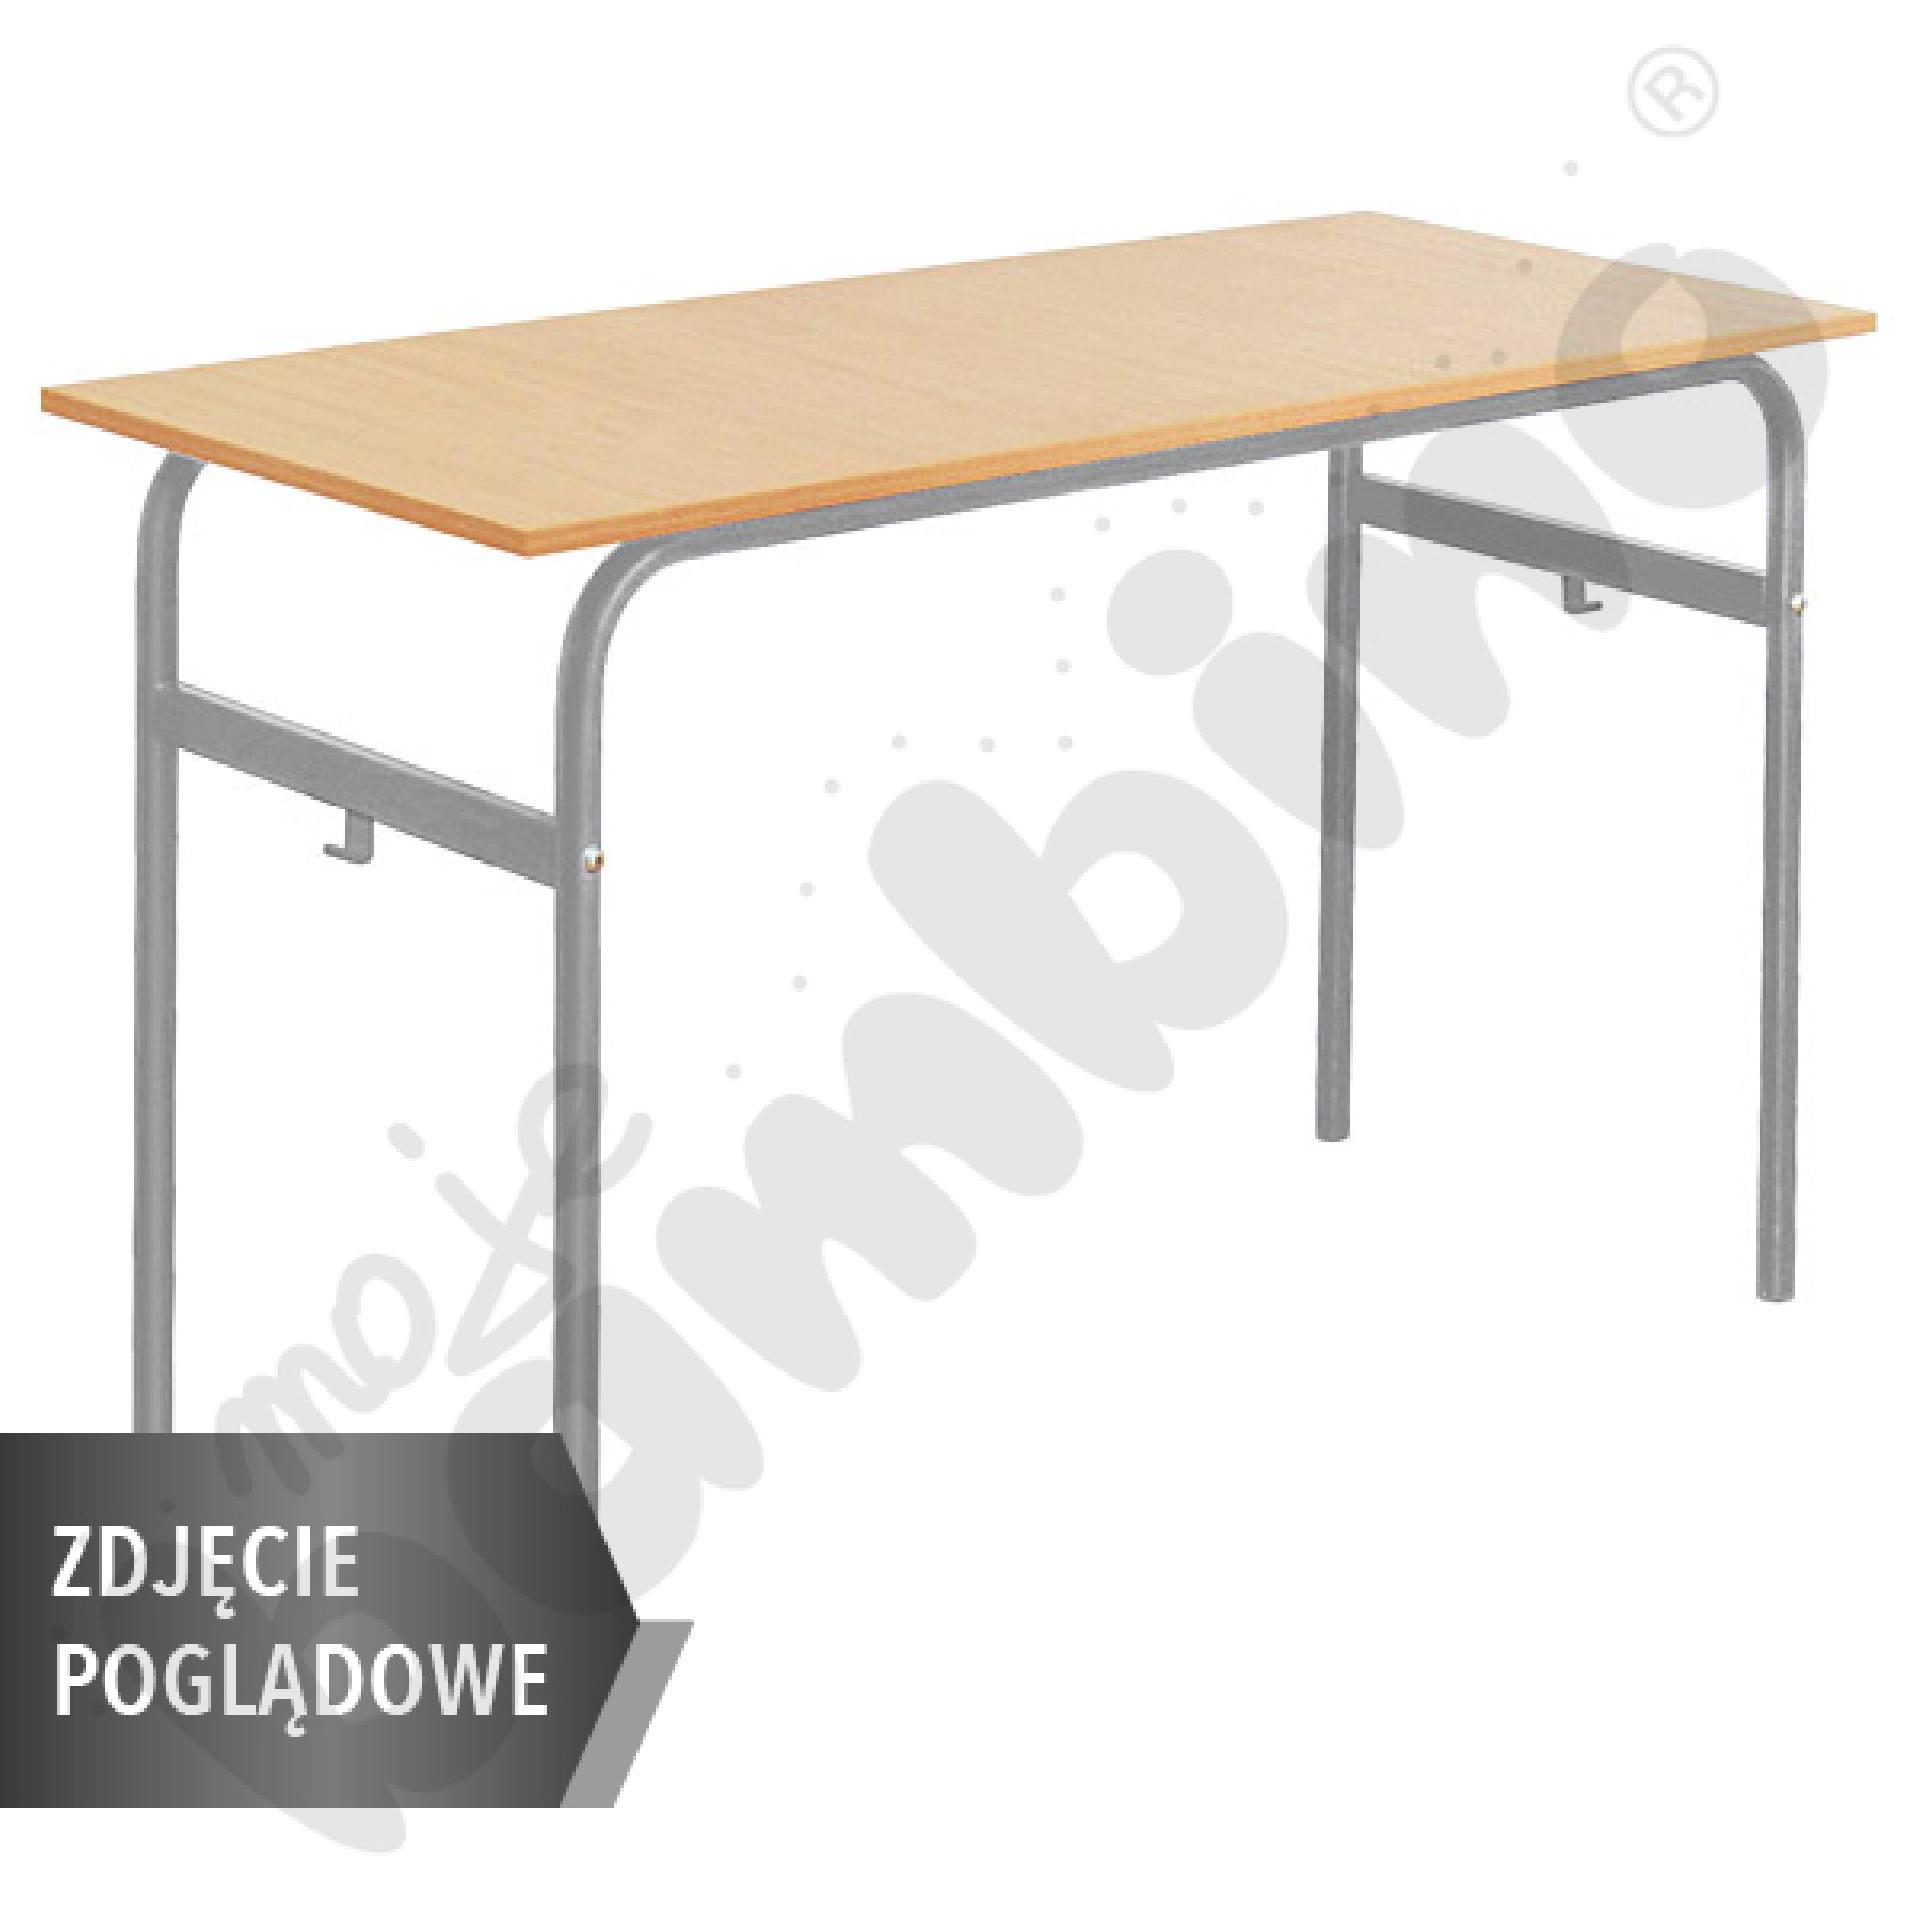 Stół Daniel 130x50 rozm. 4-6, 2os., stelaż czerwony, blat brzoza, obrzeże ABS, narożniki proste